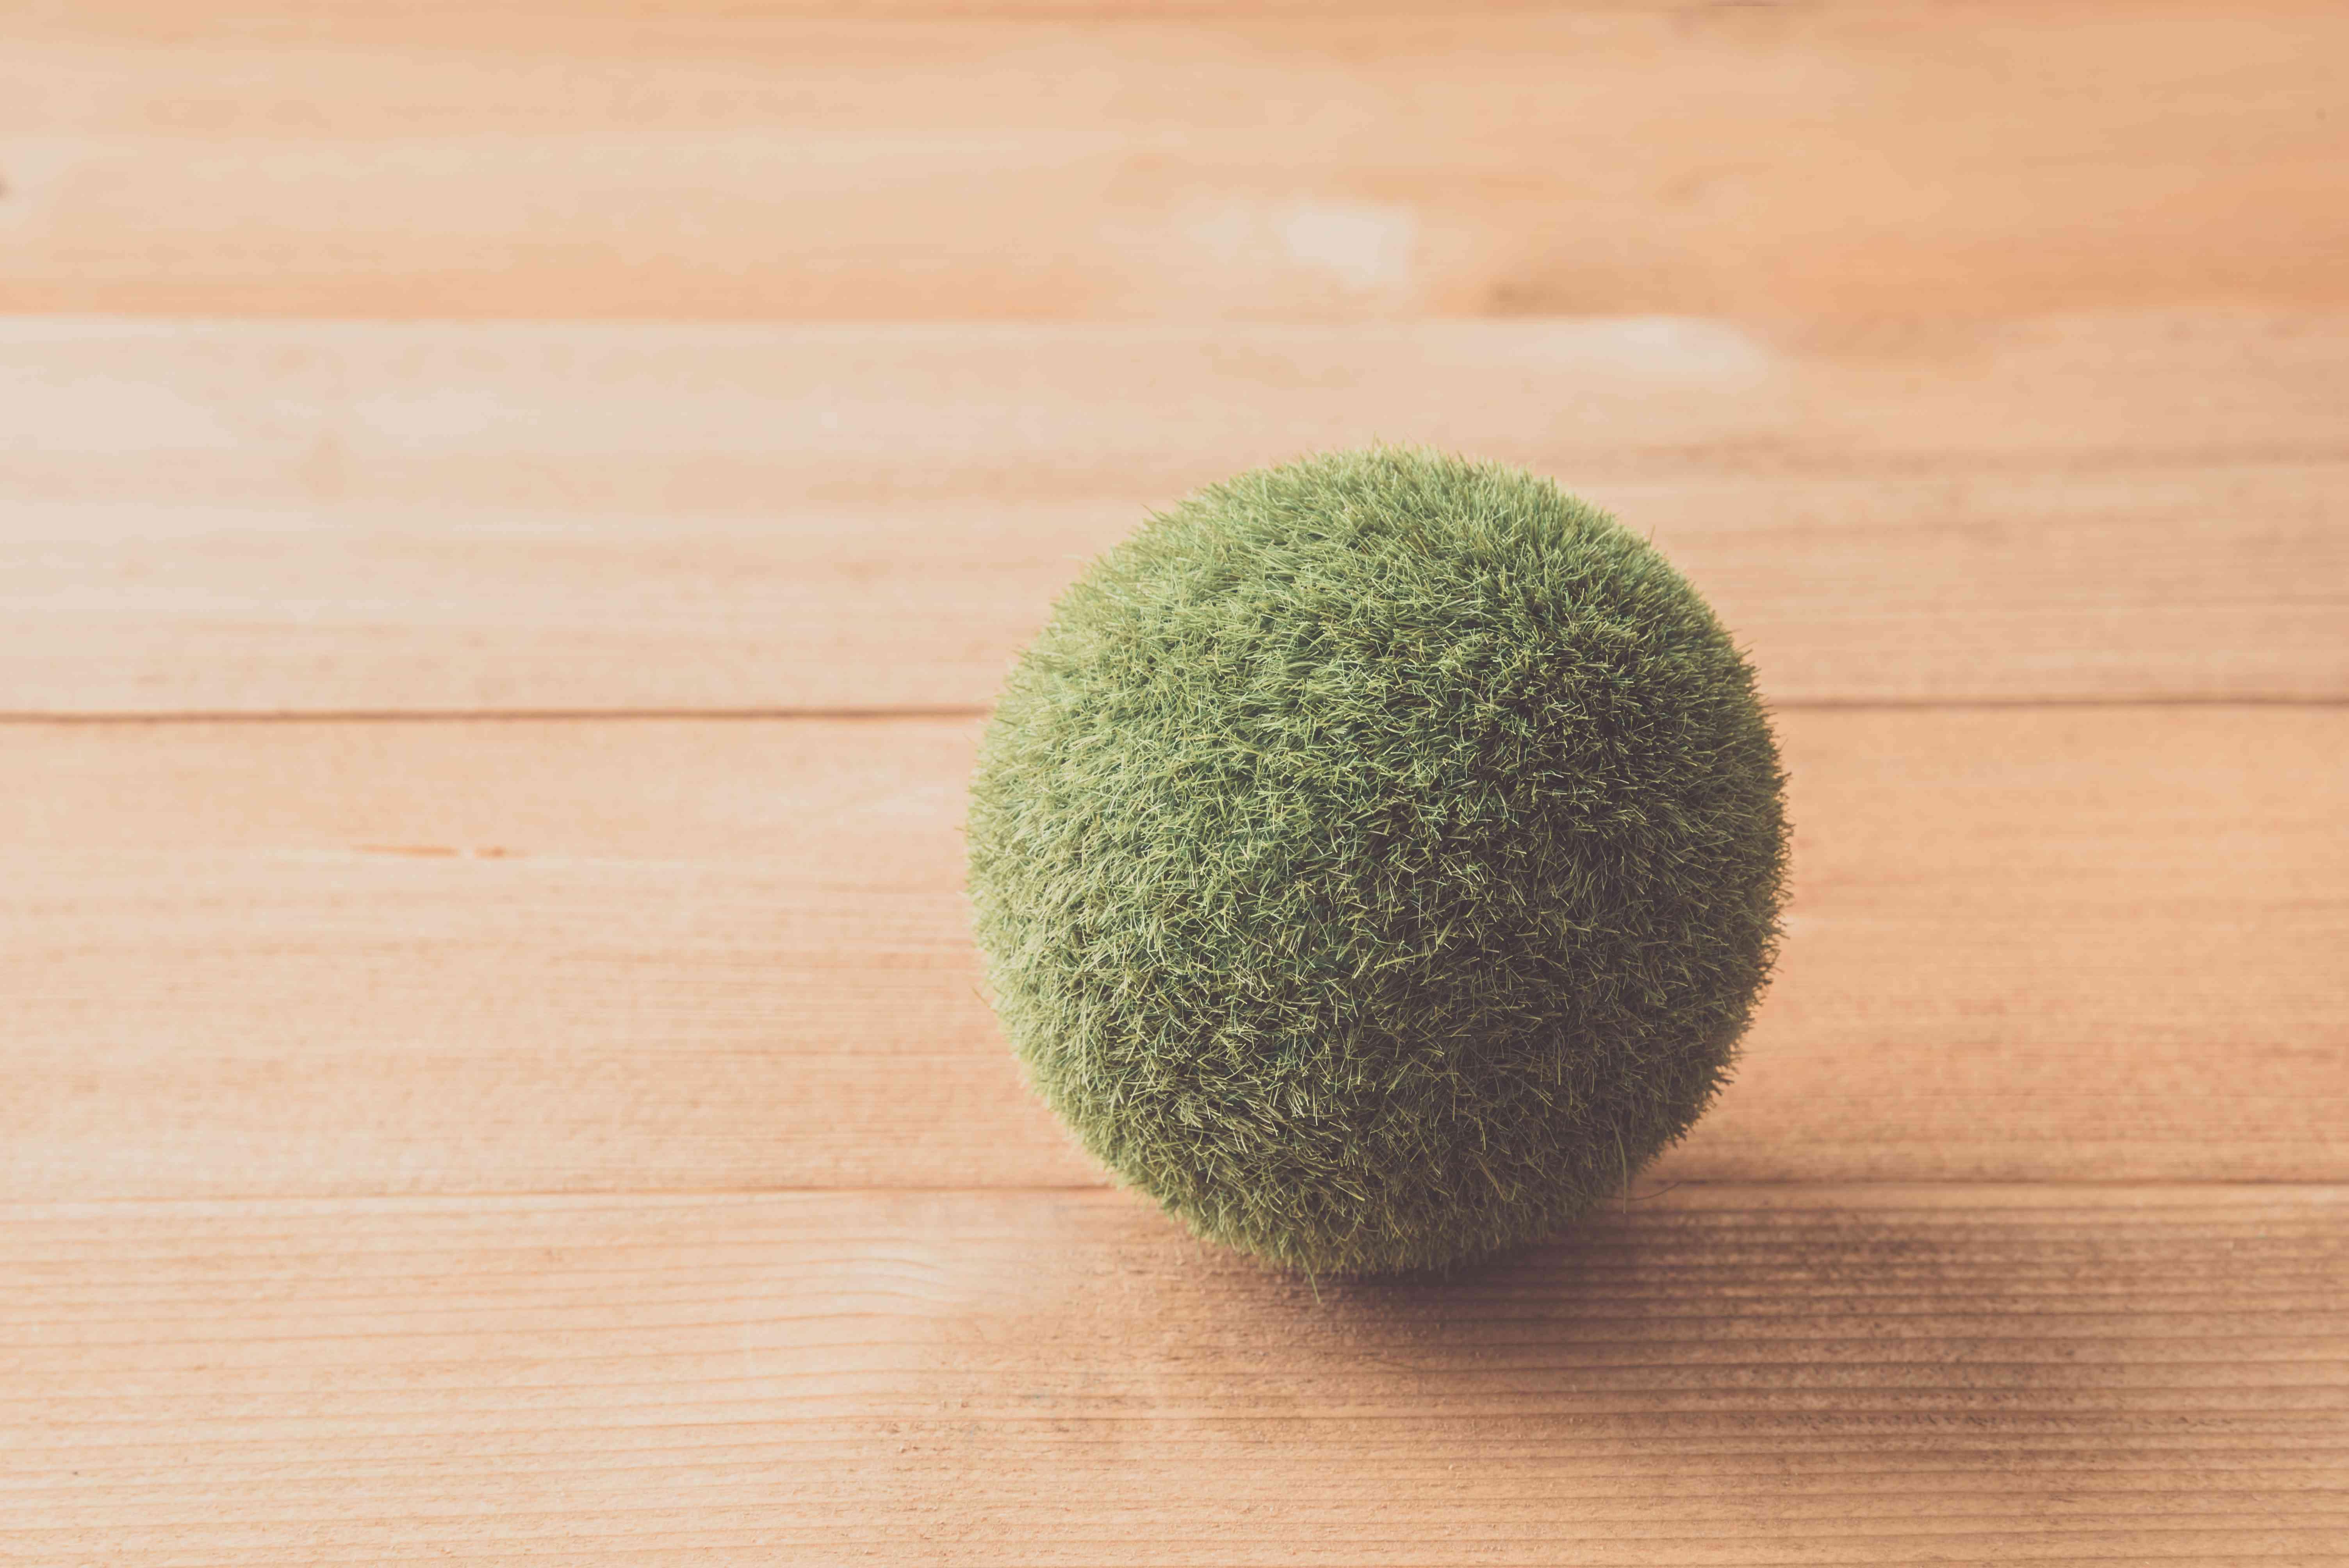 Marimo (moss ball) on the table